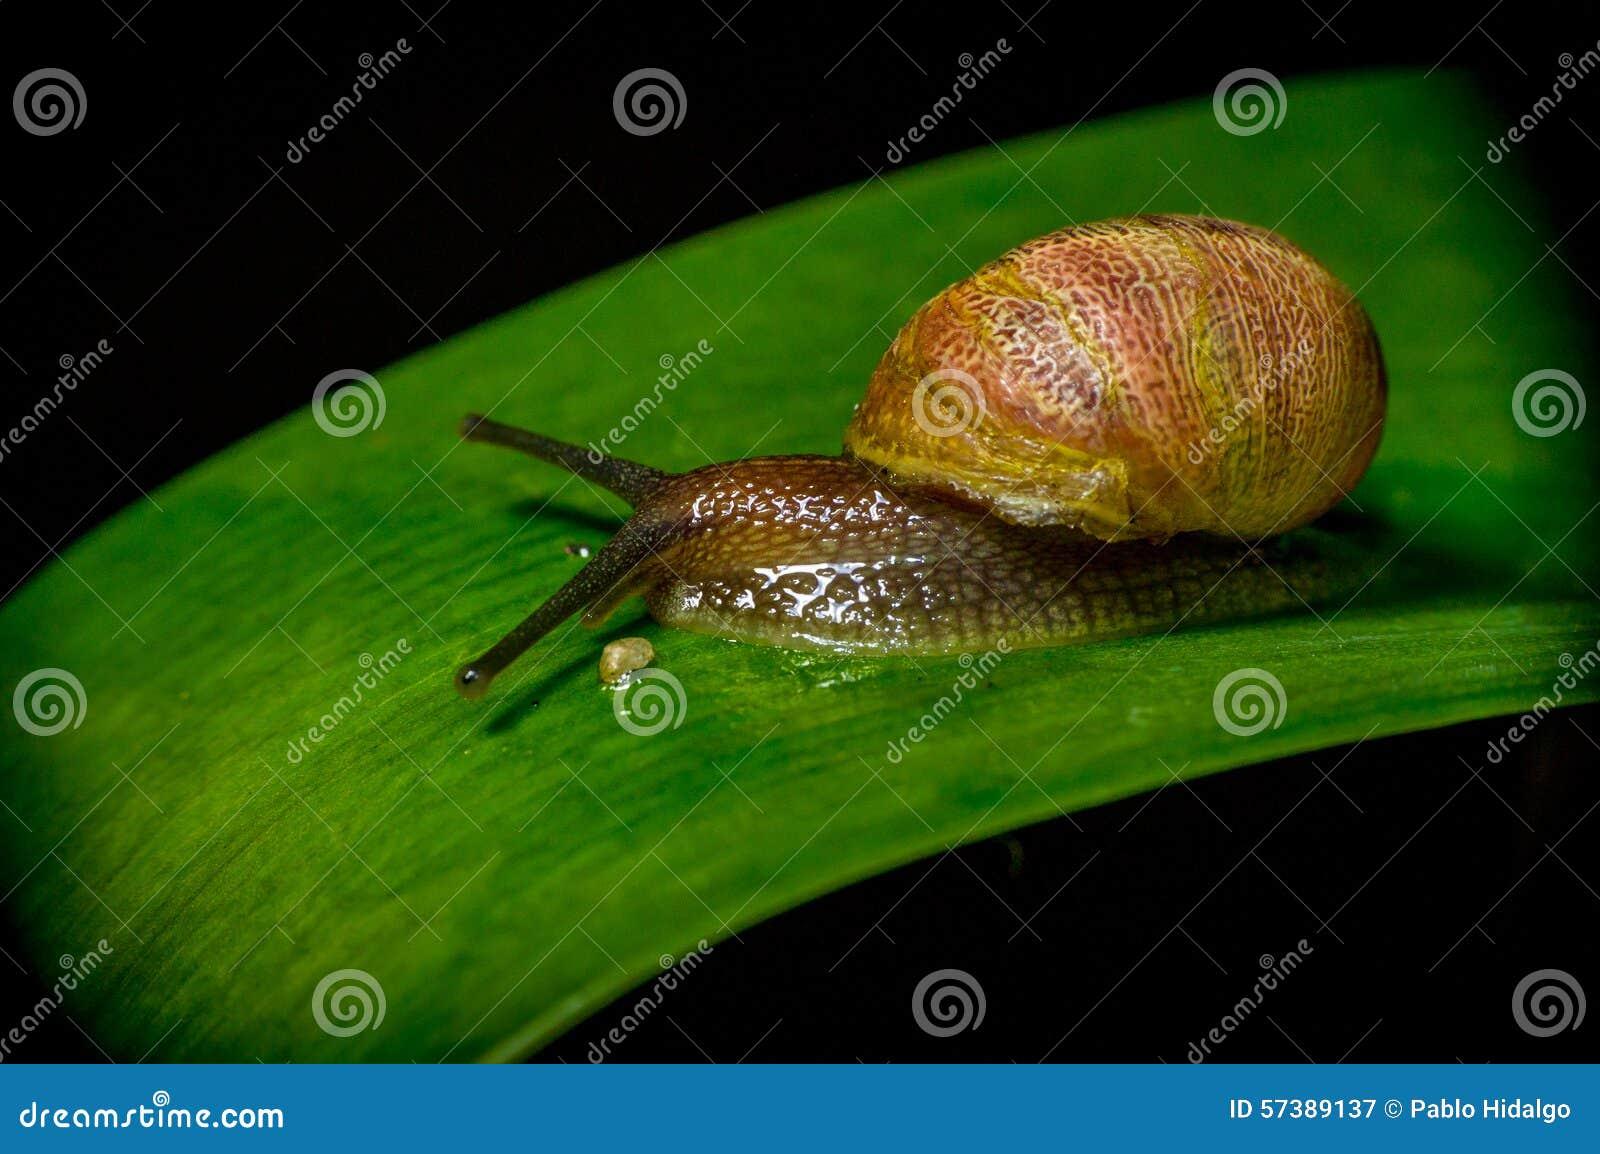 Donkere gekleurde slak in aardzitting op groen